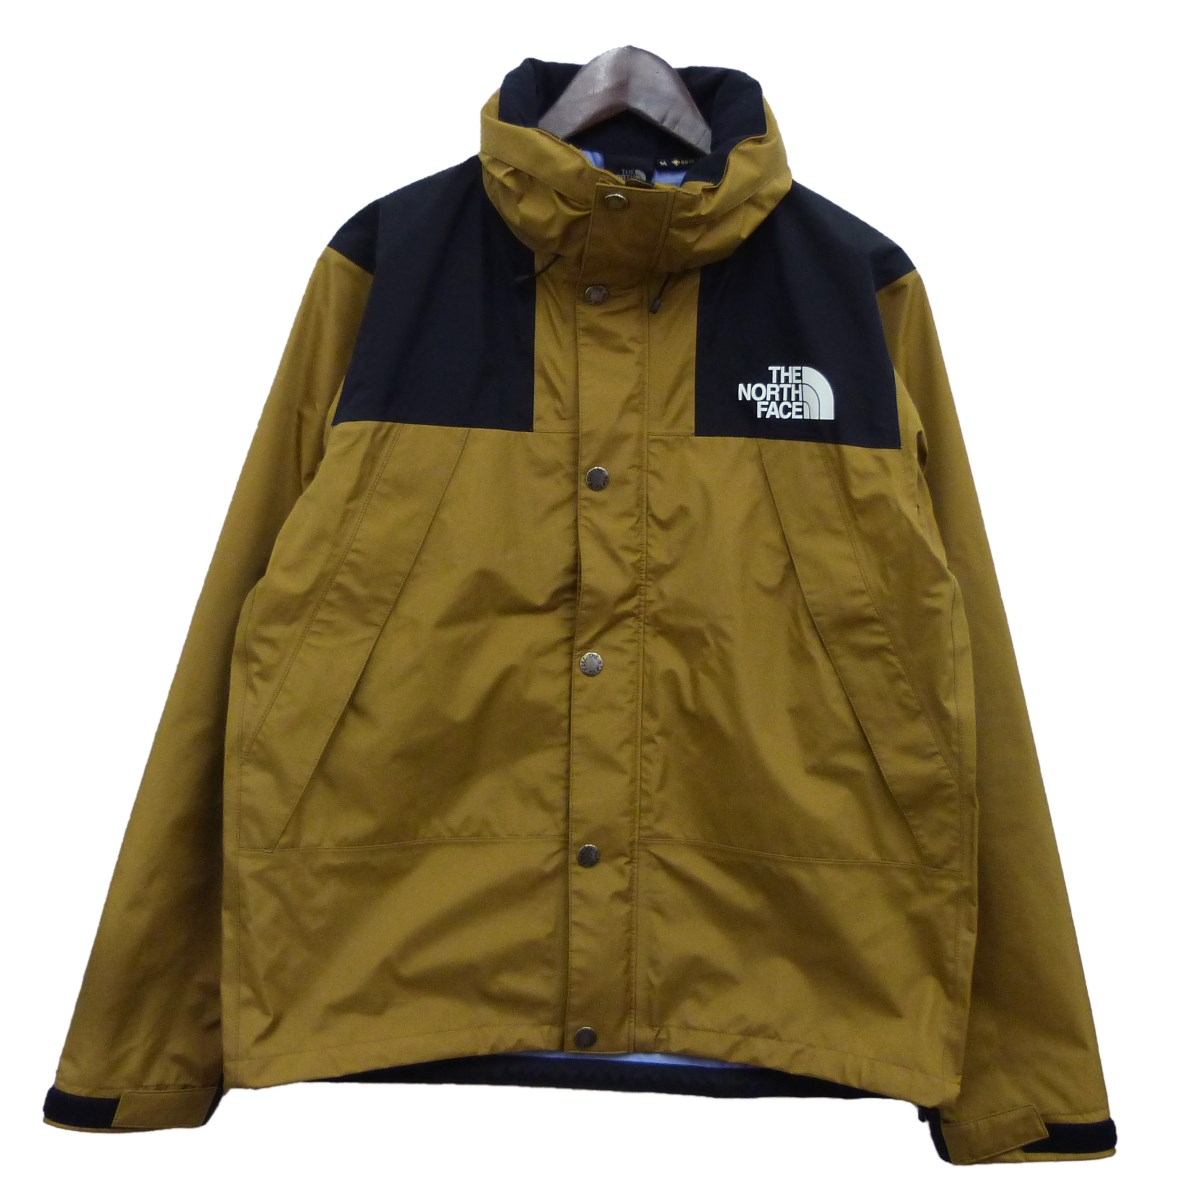 【中古】THE NORTH FACE マウンテンレインテックスジャケット ブリティッシュカーキ サイズ:M 【120220】(ザノースフェイス)